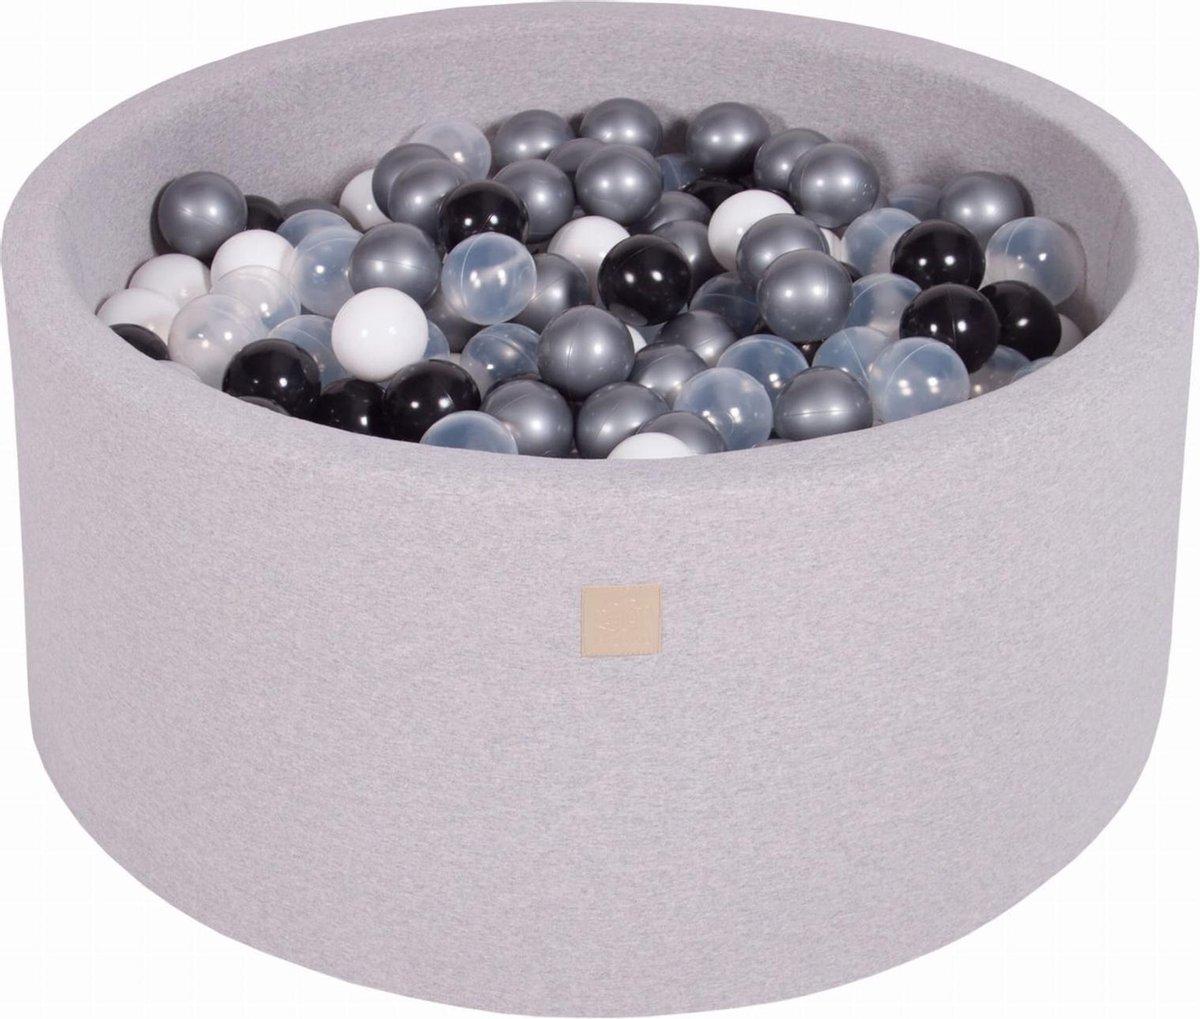 Ronde Ballenbak set incl 300 ballen 90x40cm - Licht Grijs: Wit, Zwart, Transparant, Zilver